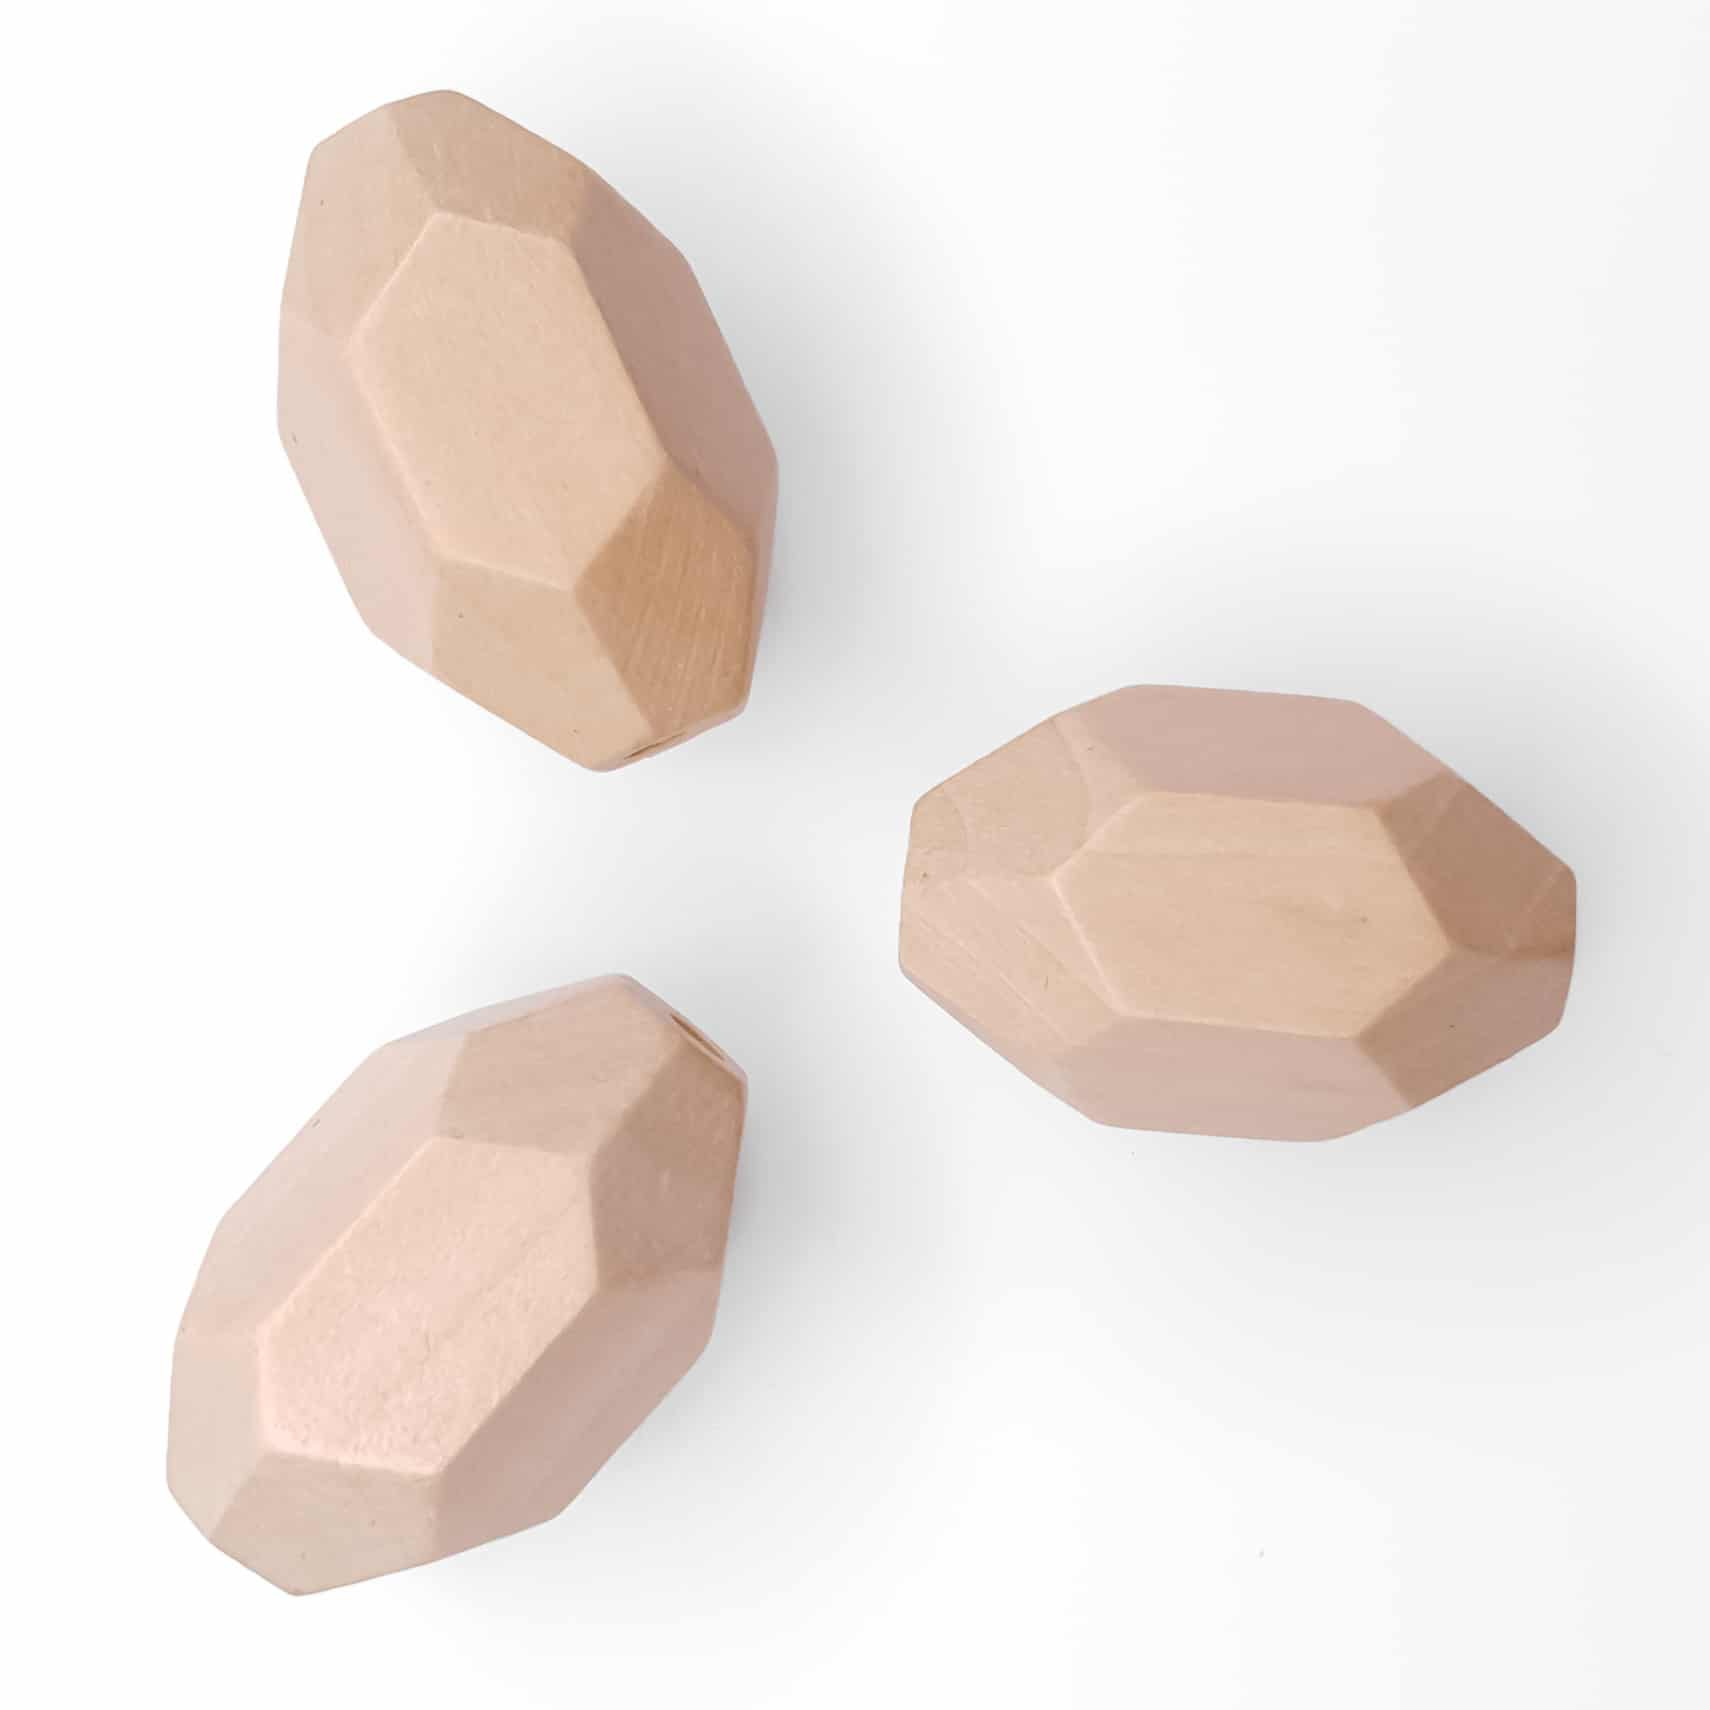 Houten kraal rotsblok 30 x 20 mm baby veilig bijtring